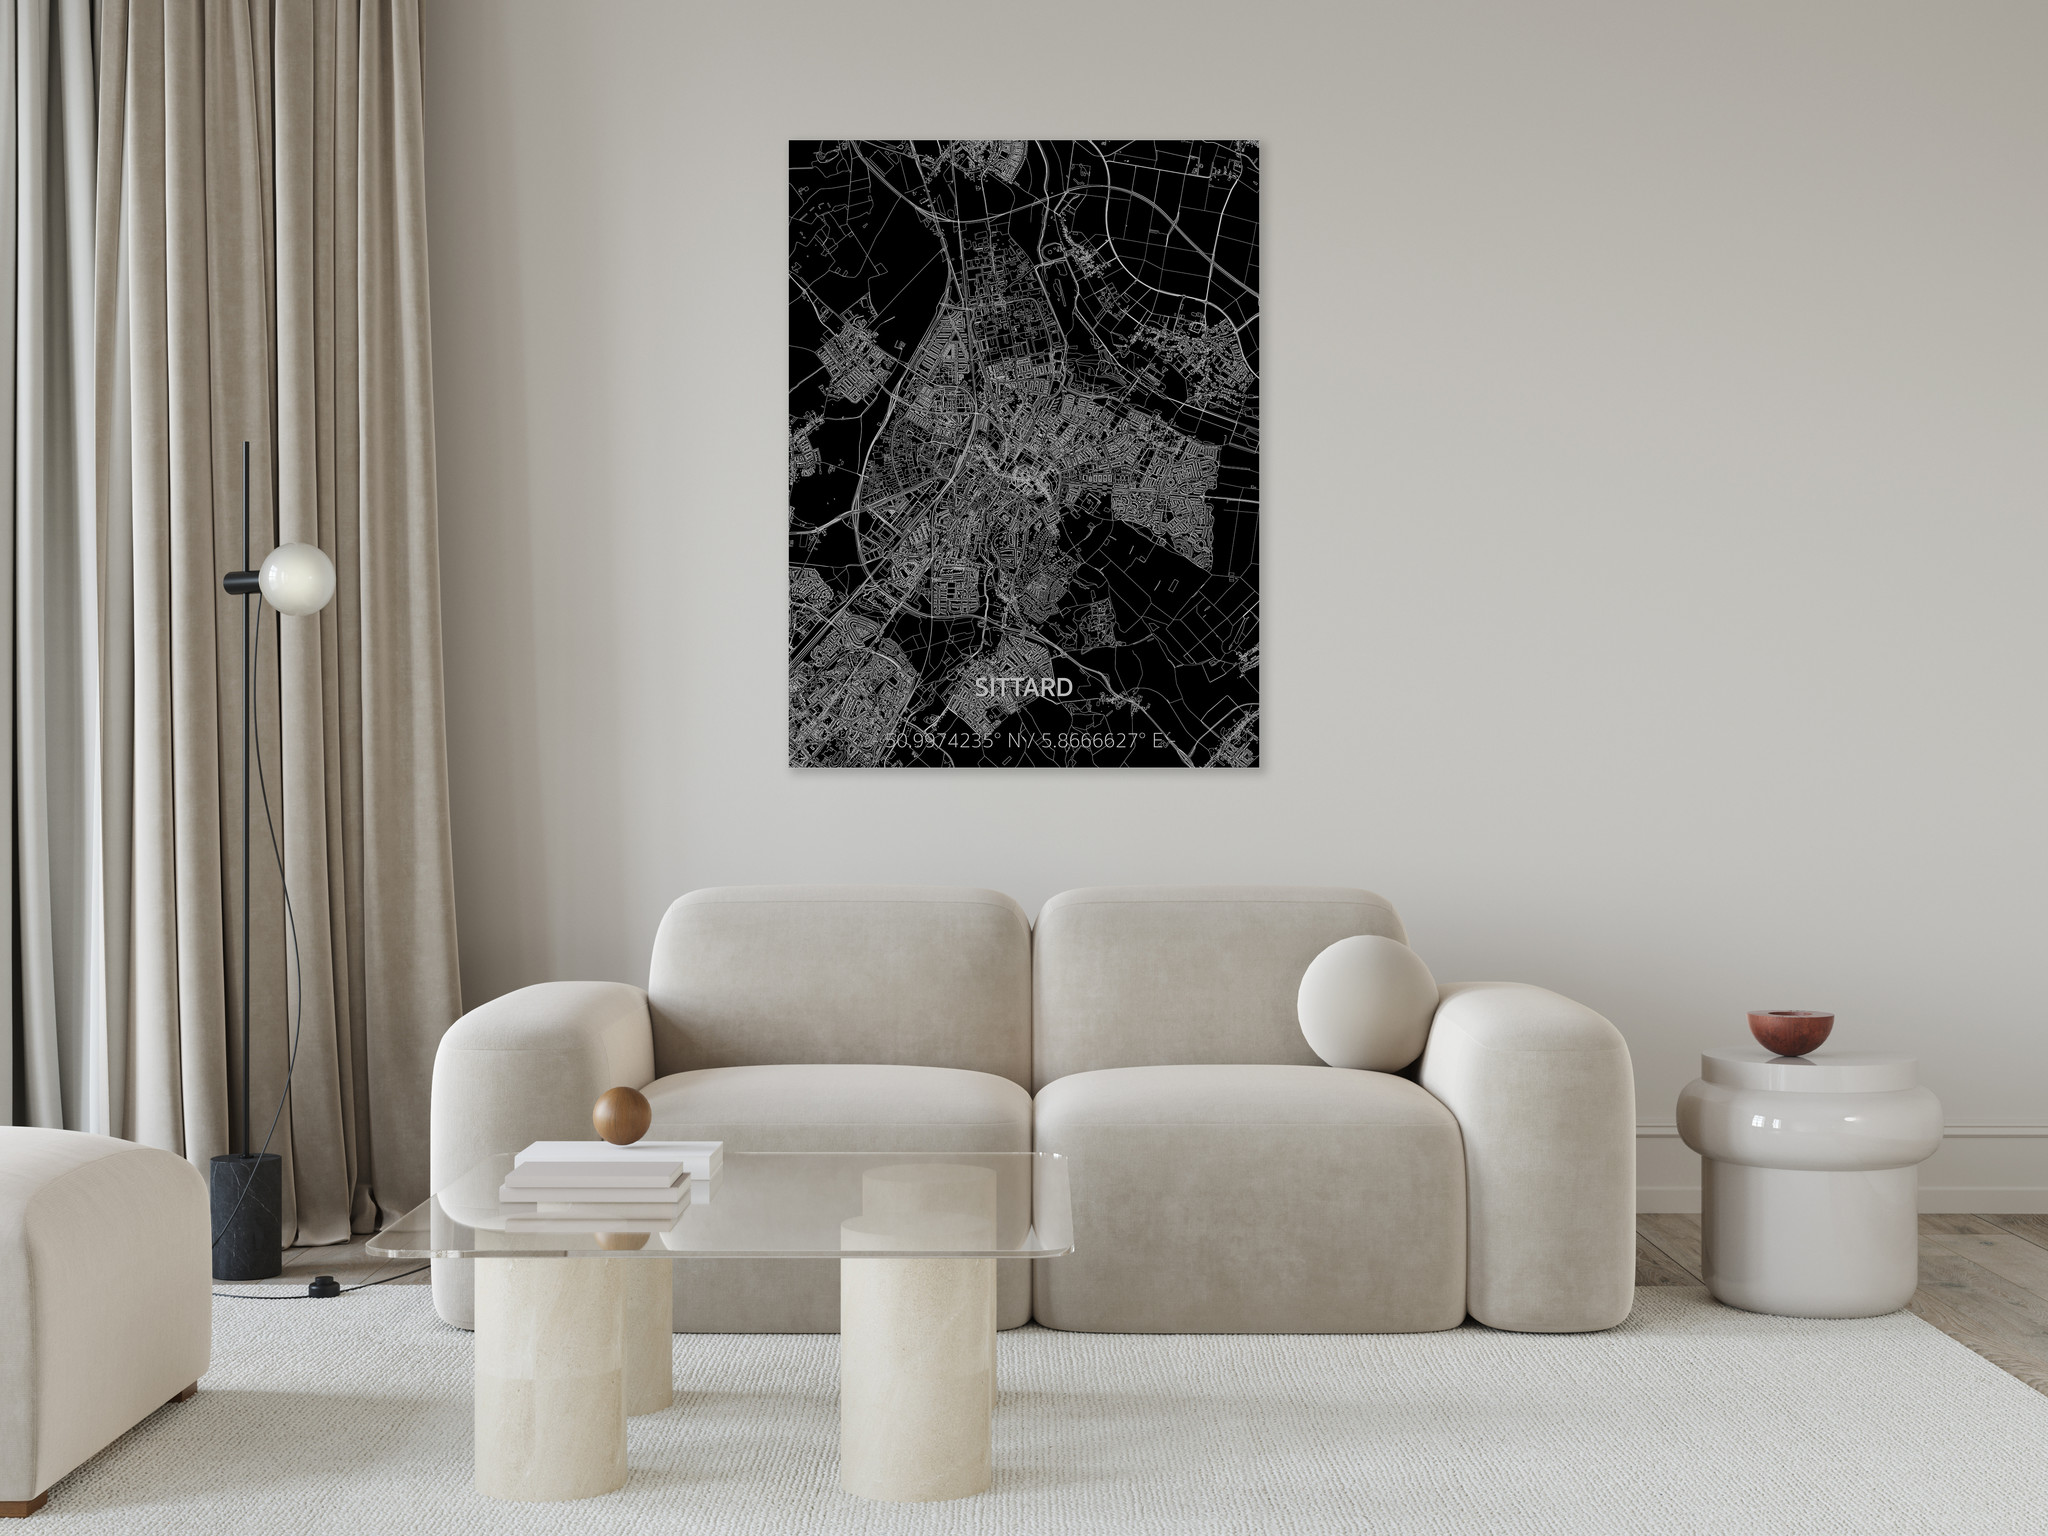 Stadtkarte Sittard | Aluminium Wanddekoration-2